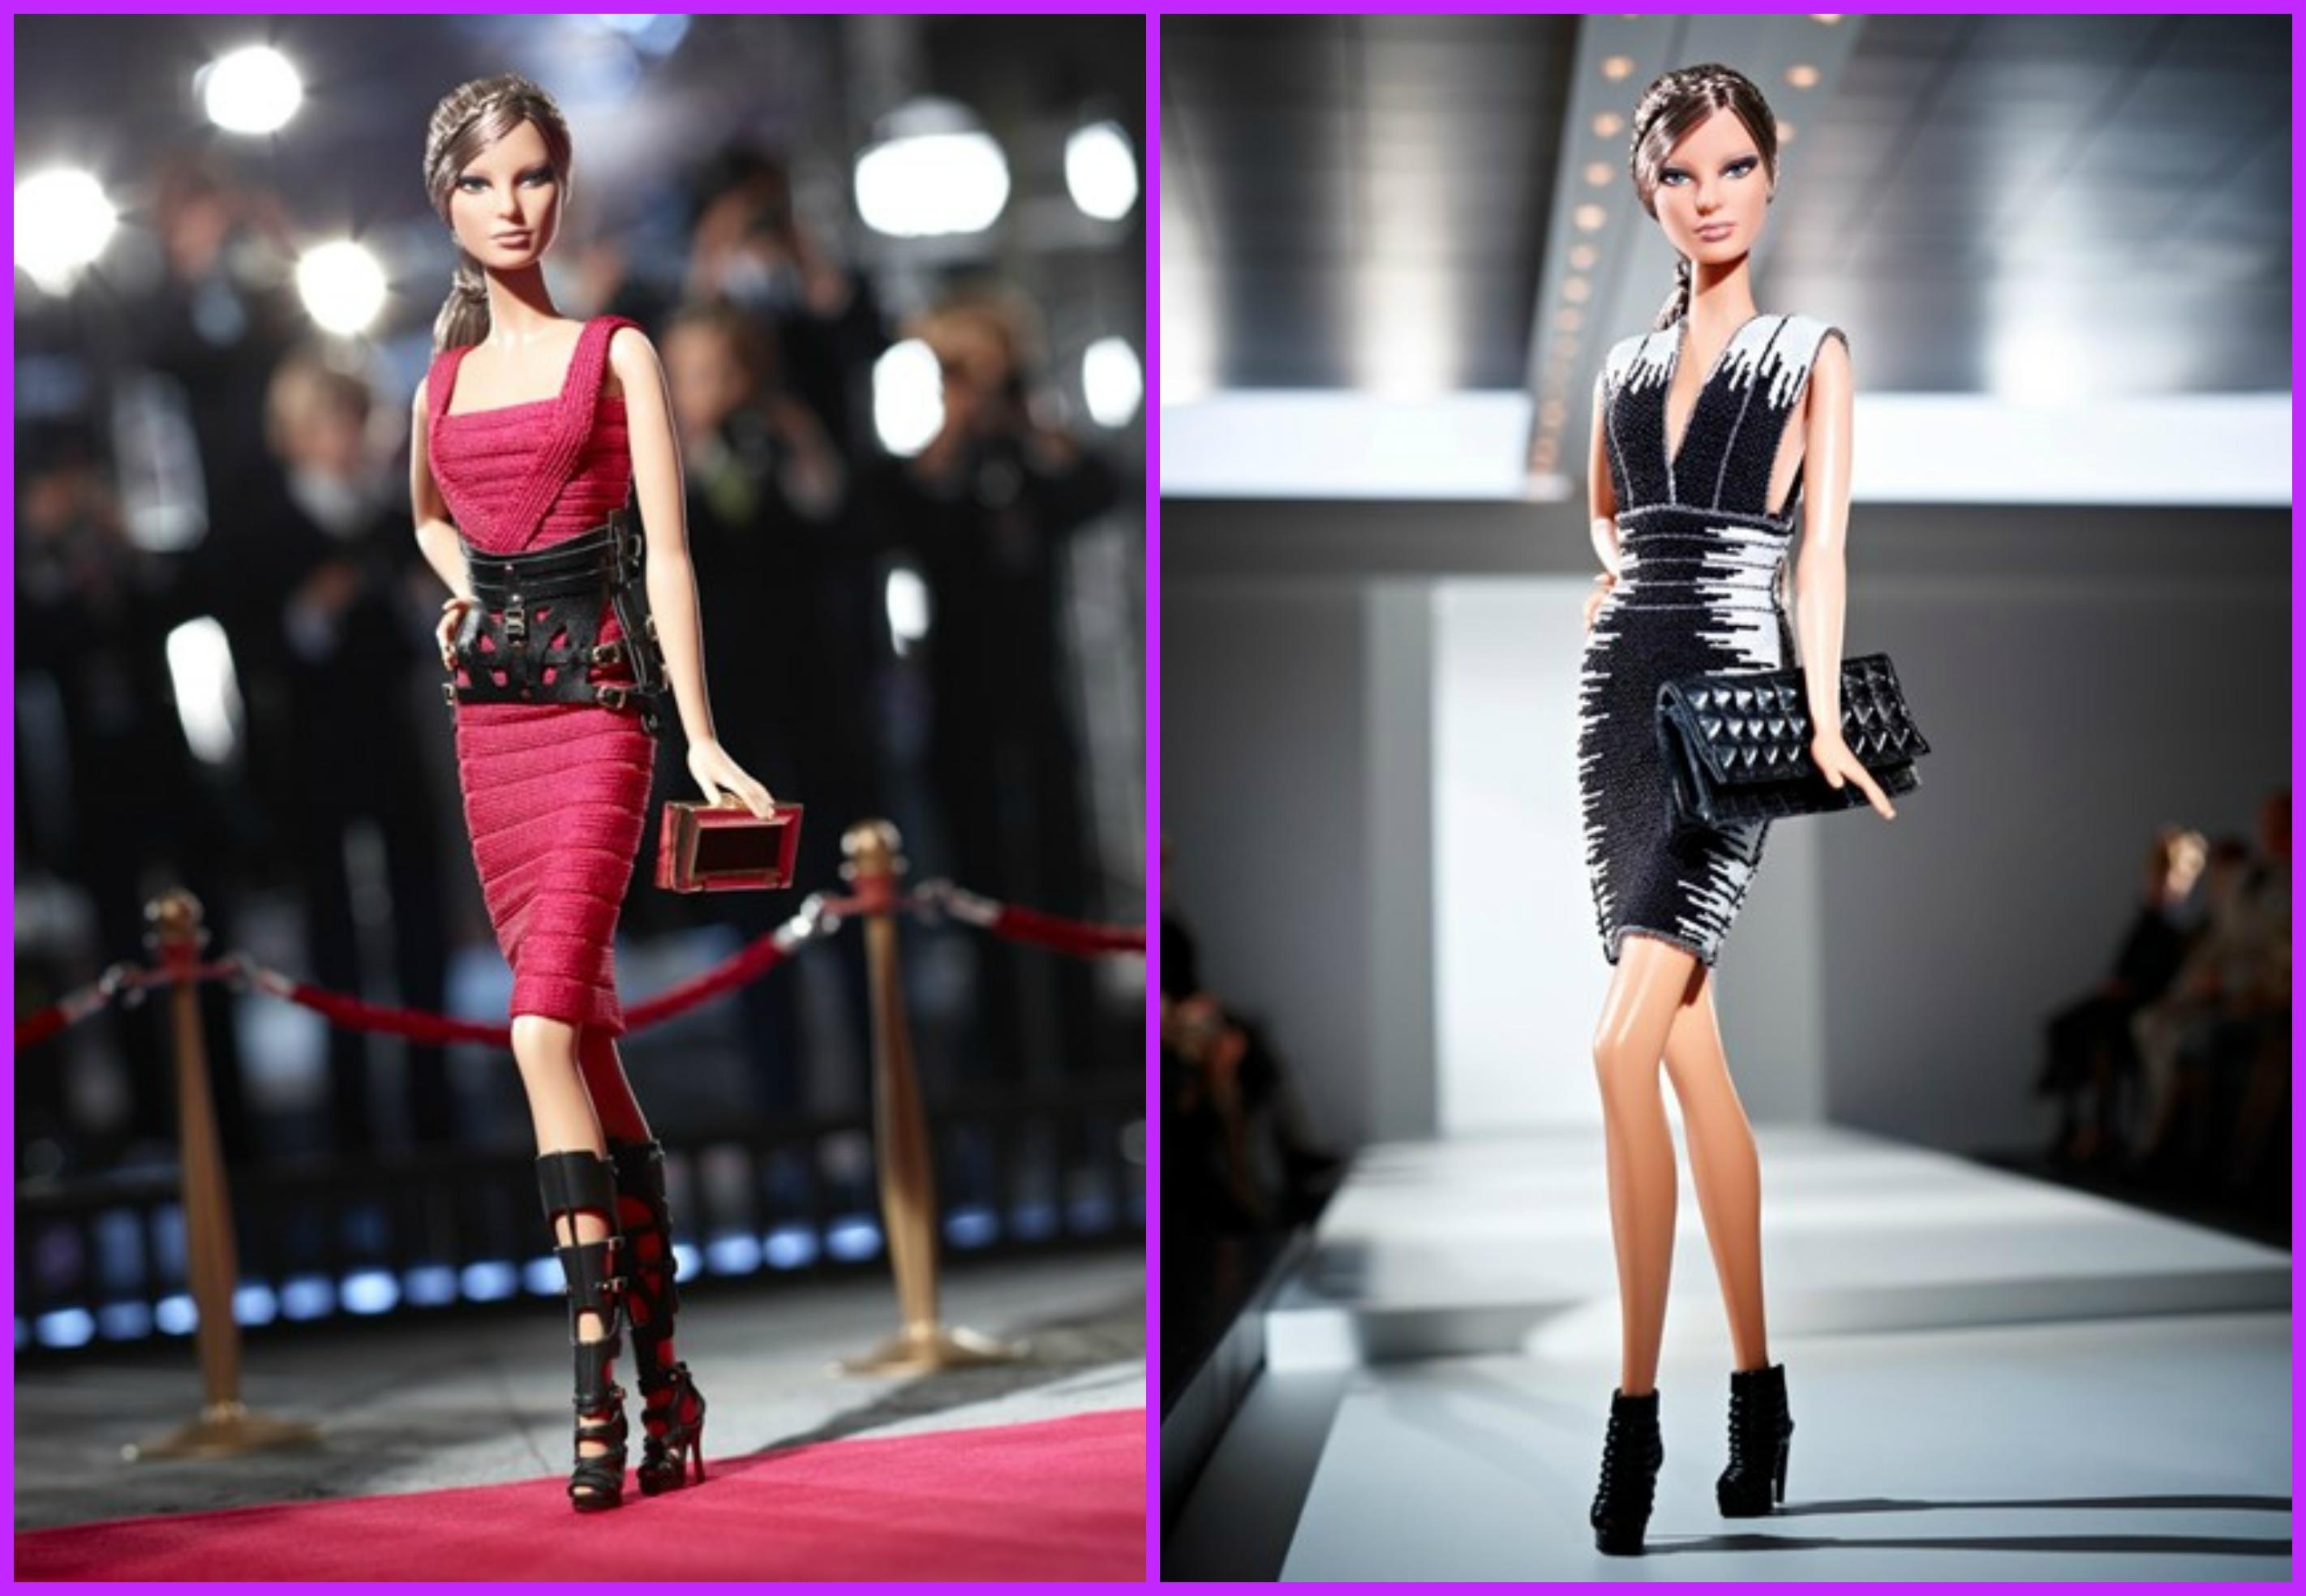 La Barbie in versione sexy arriva in passerella (FOTO)